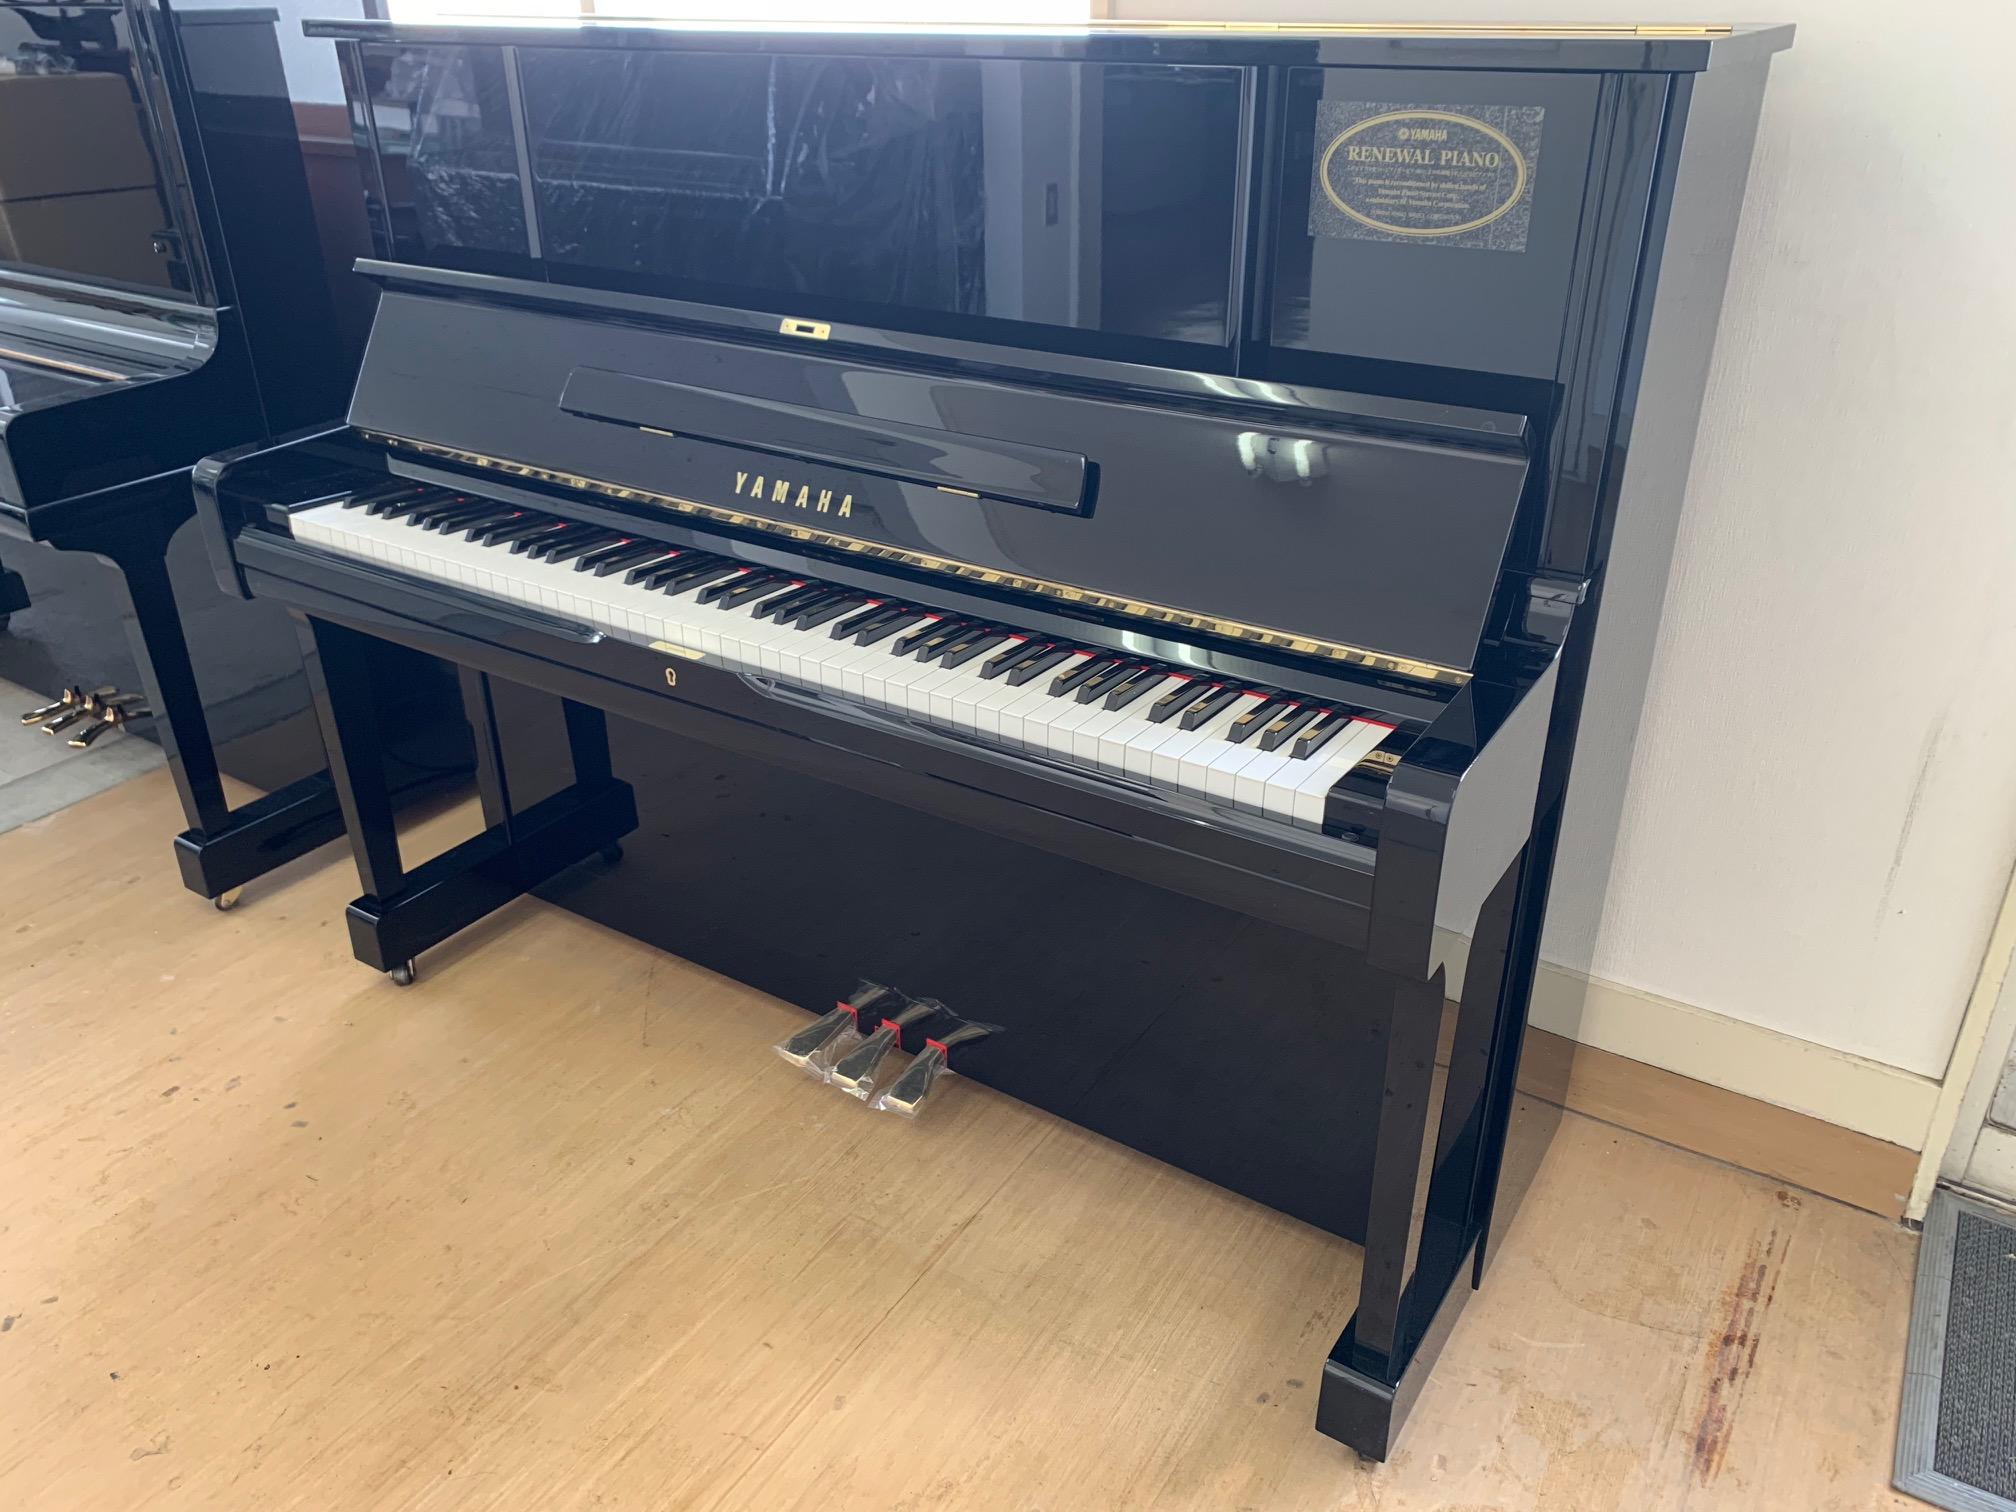 ヤマハリニューアルピアノ UX-1